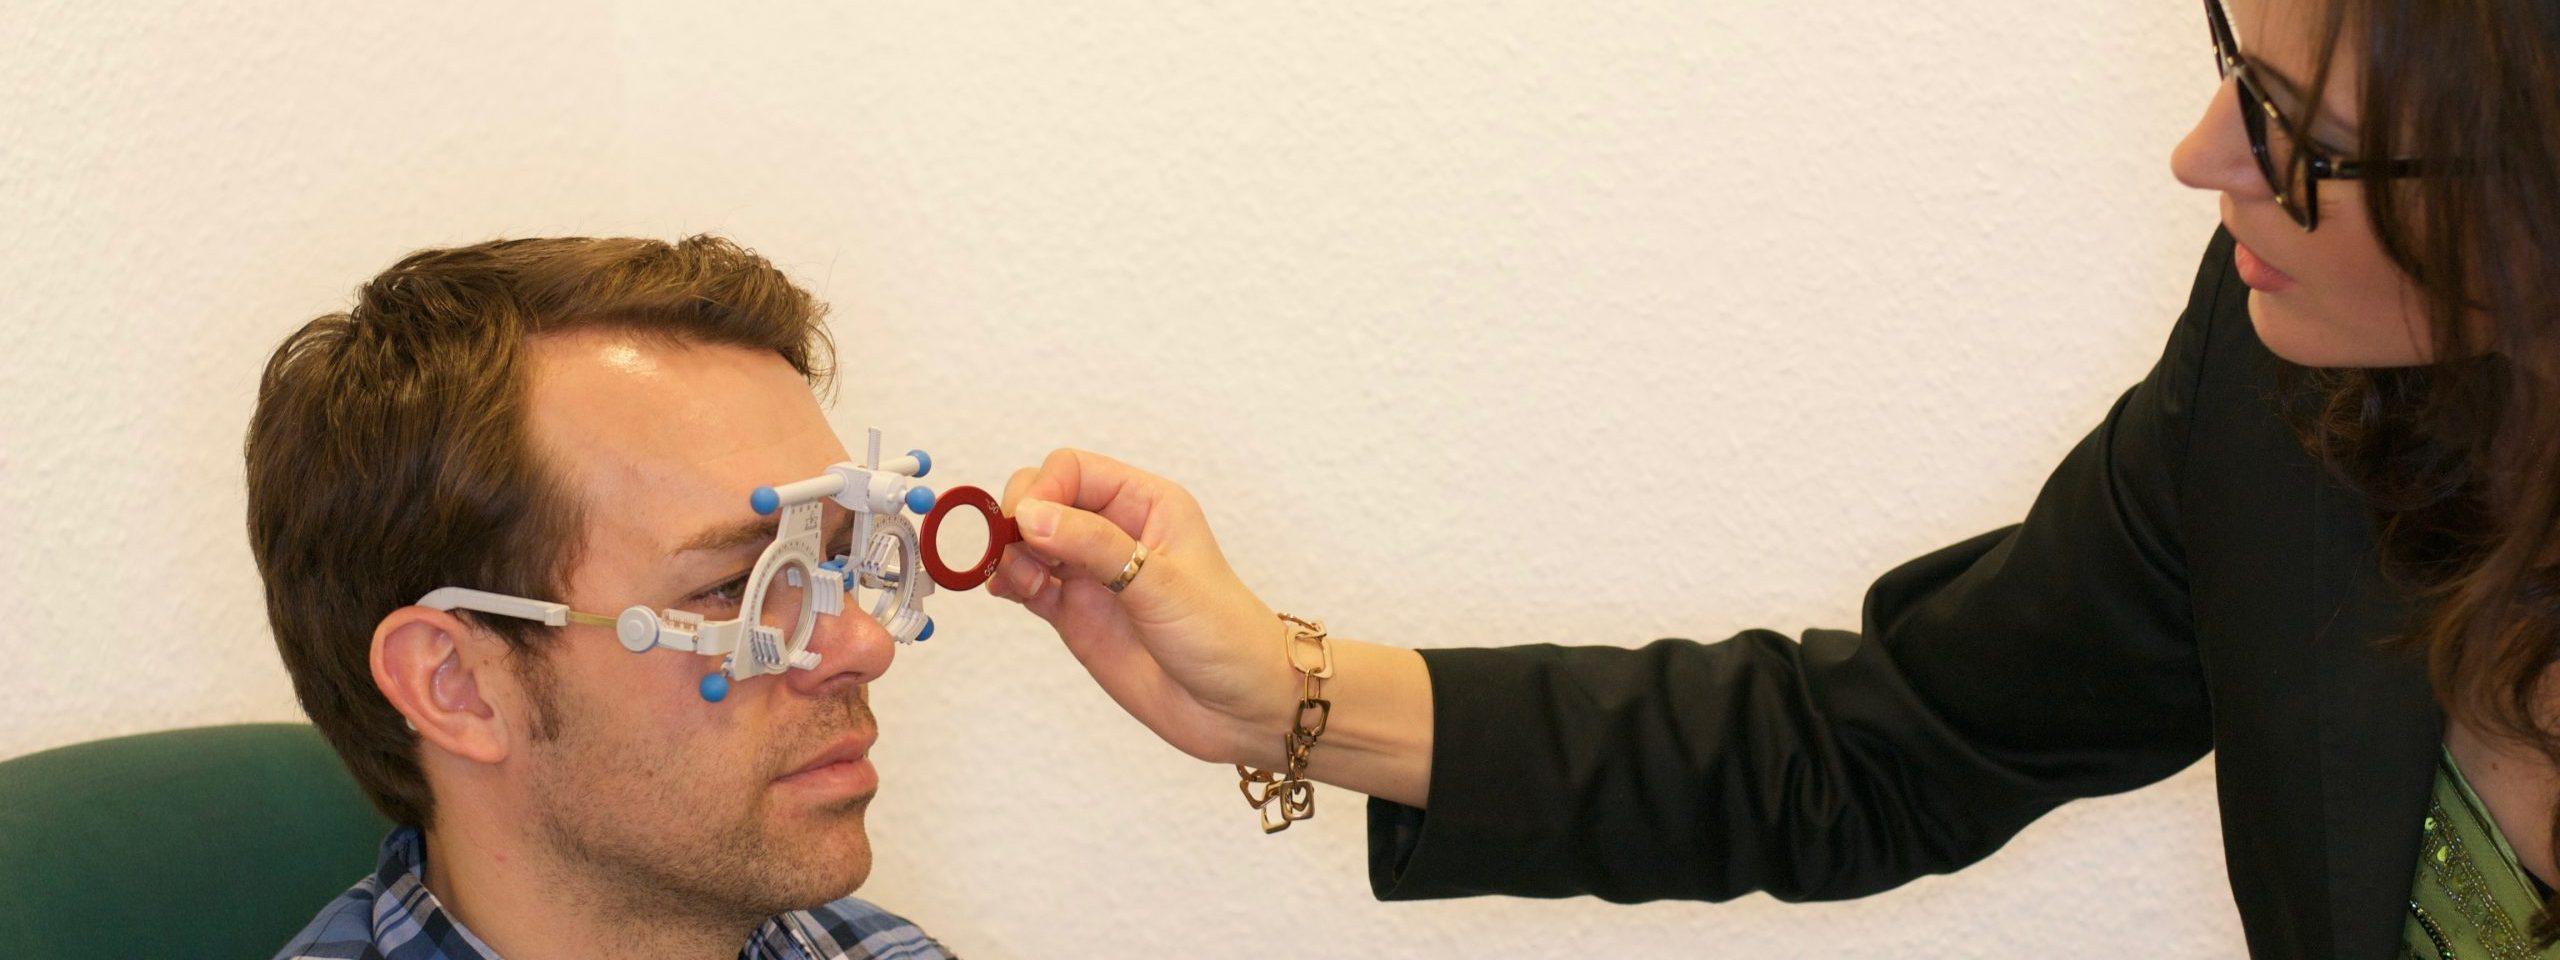 Prismenbrillen Hilfe bei ungeklärten Sehproblemen